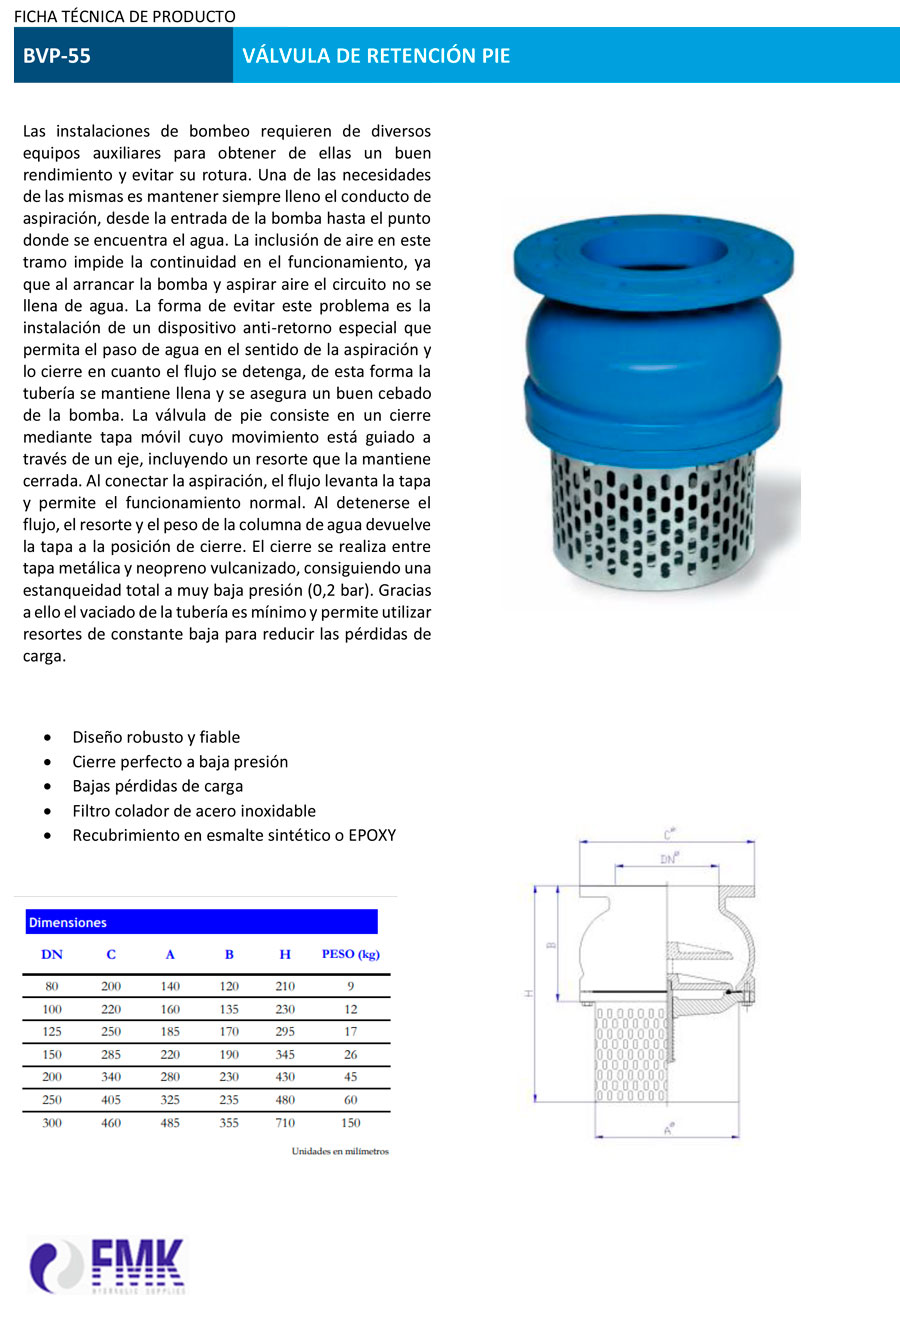 fmk-hydraulica-valvula-de-retención-pie-BVP-55-ficha-tecnica-1